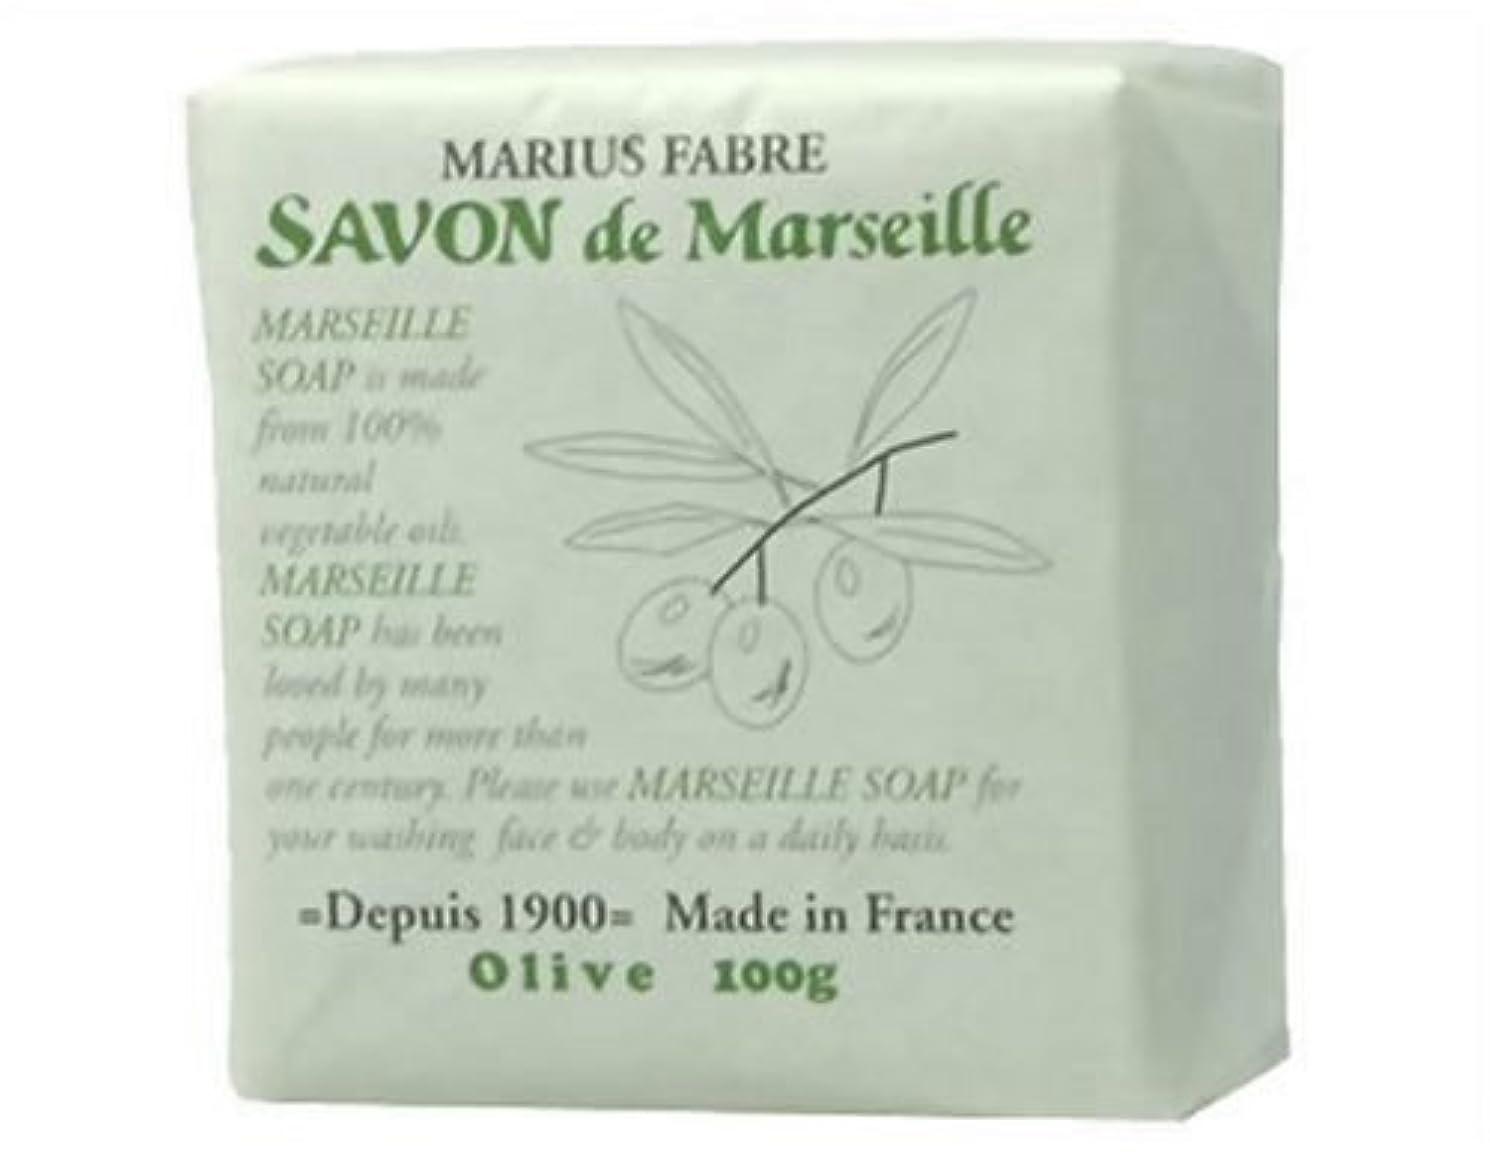 驚くべき受粉するおサボン ド マルセイユ オリーブ 100g